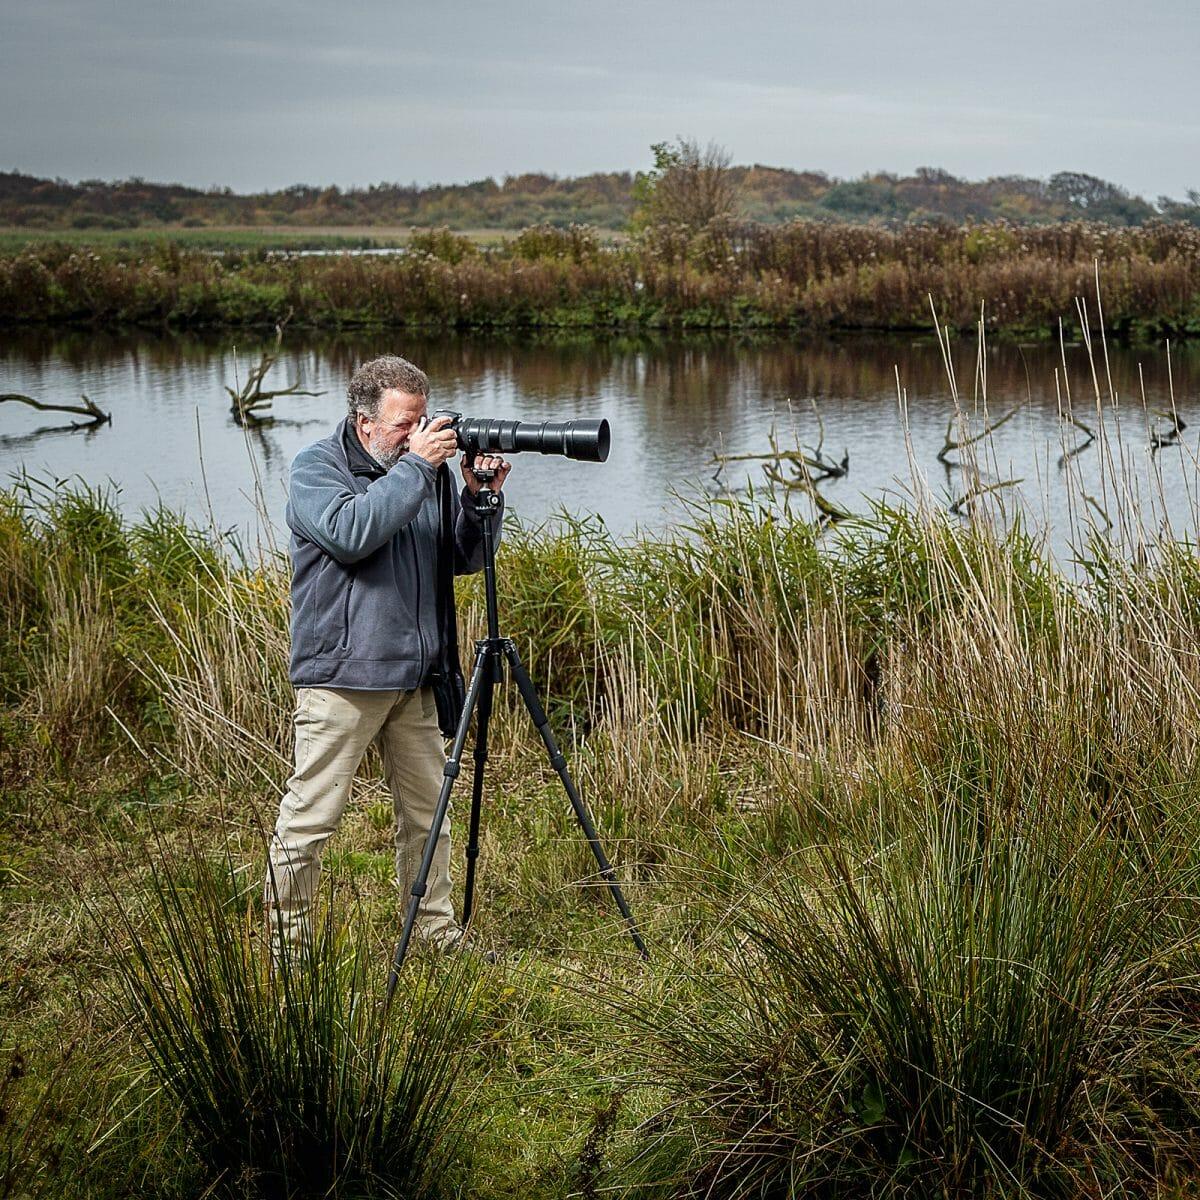 Der Norderneyer Hotelier und Naturfotograf Klaus Dinkla bei Naturaufnahmen im Weltnaturerbe Wattenmeer